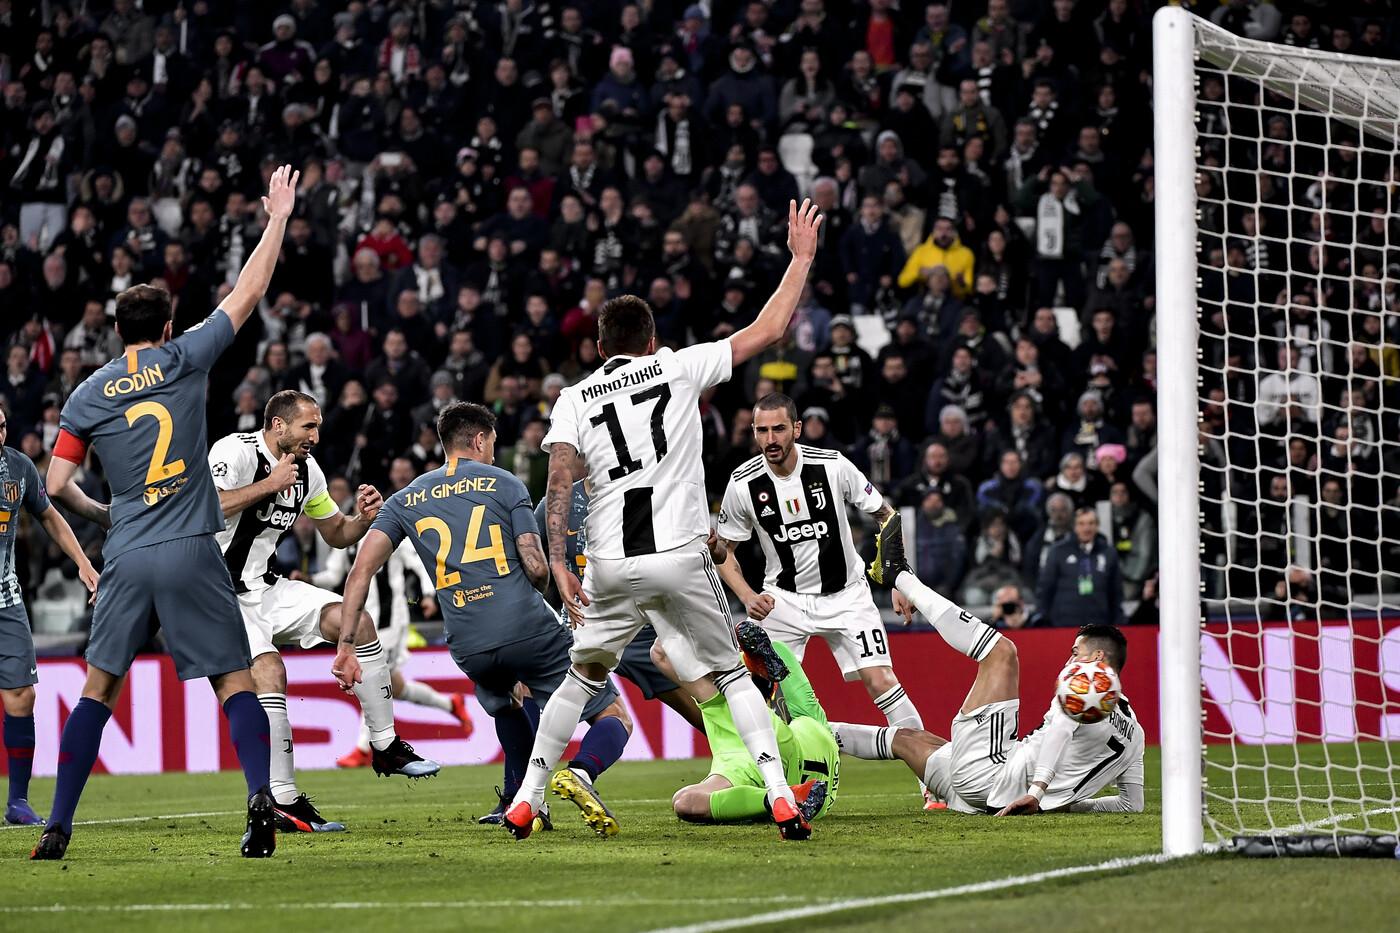 Il Supersabato di Sportitalia con Juventus-Atletico Madrid e Parma-Sampdoria